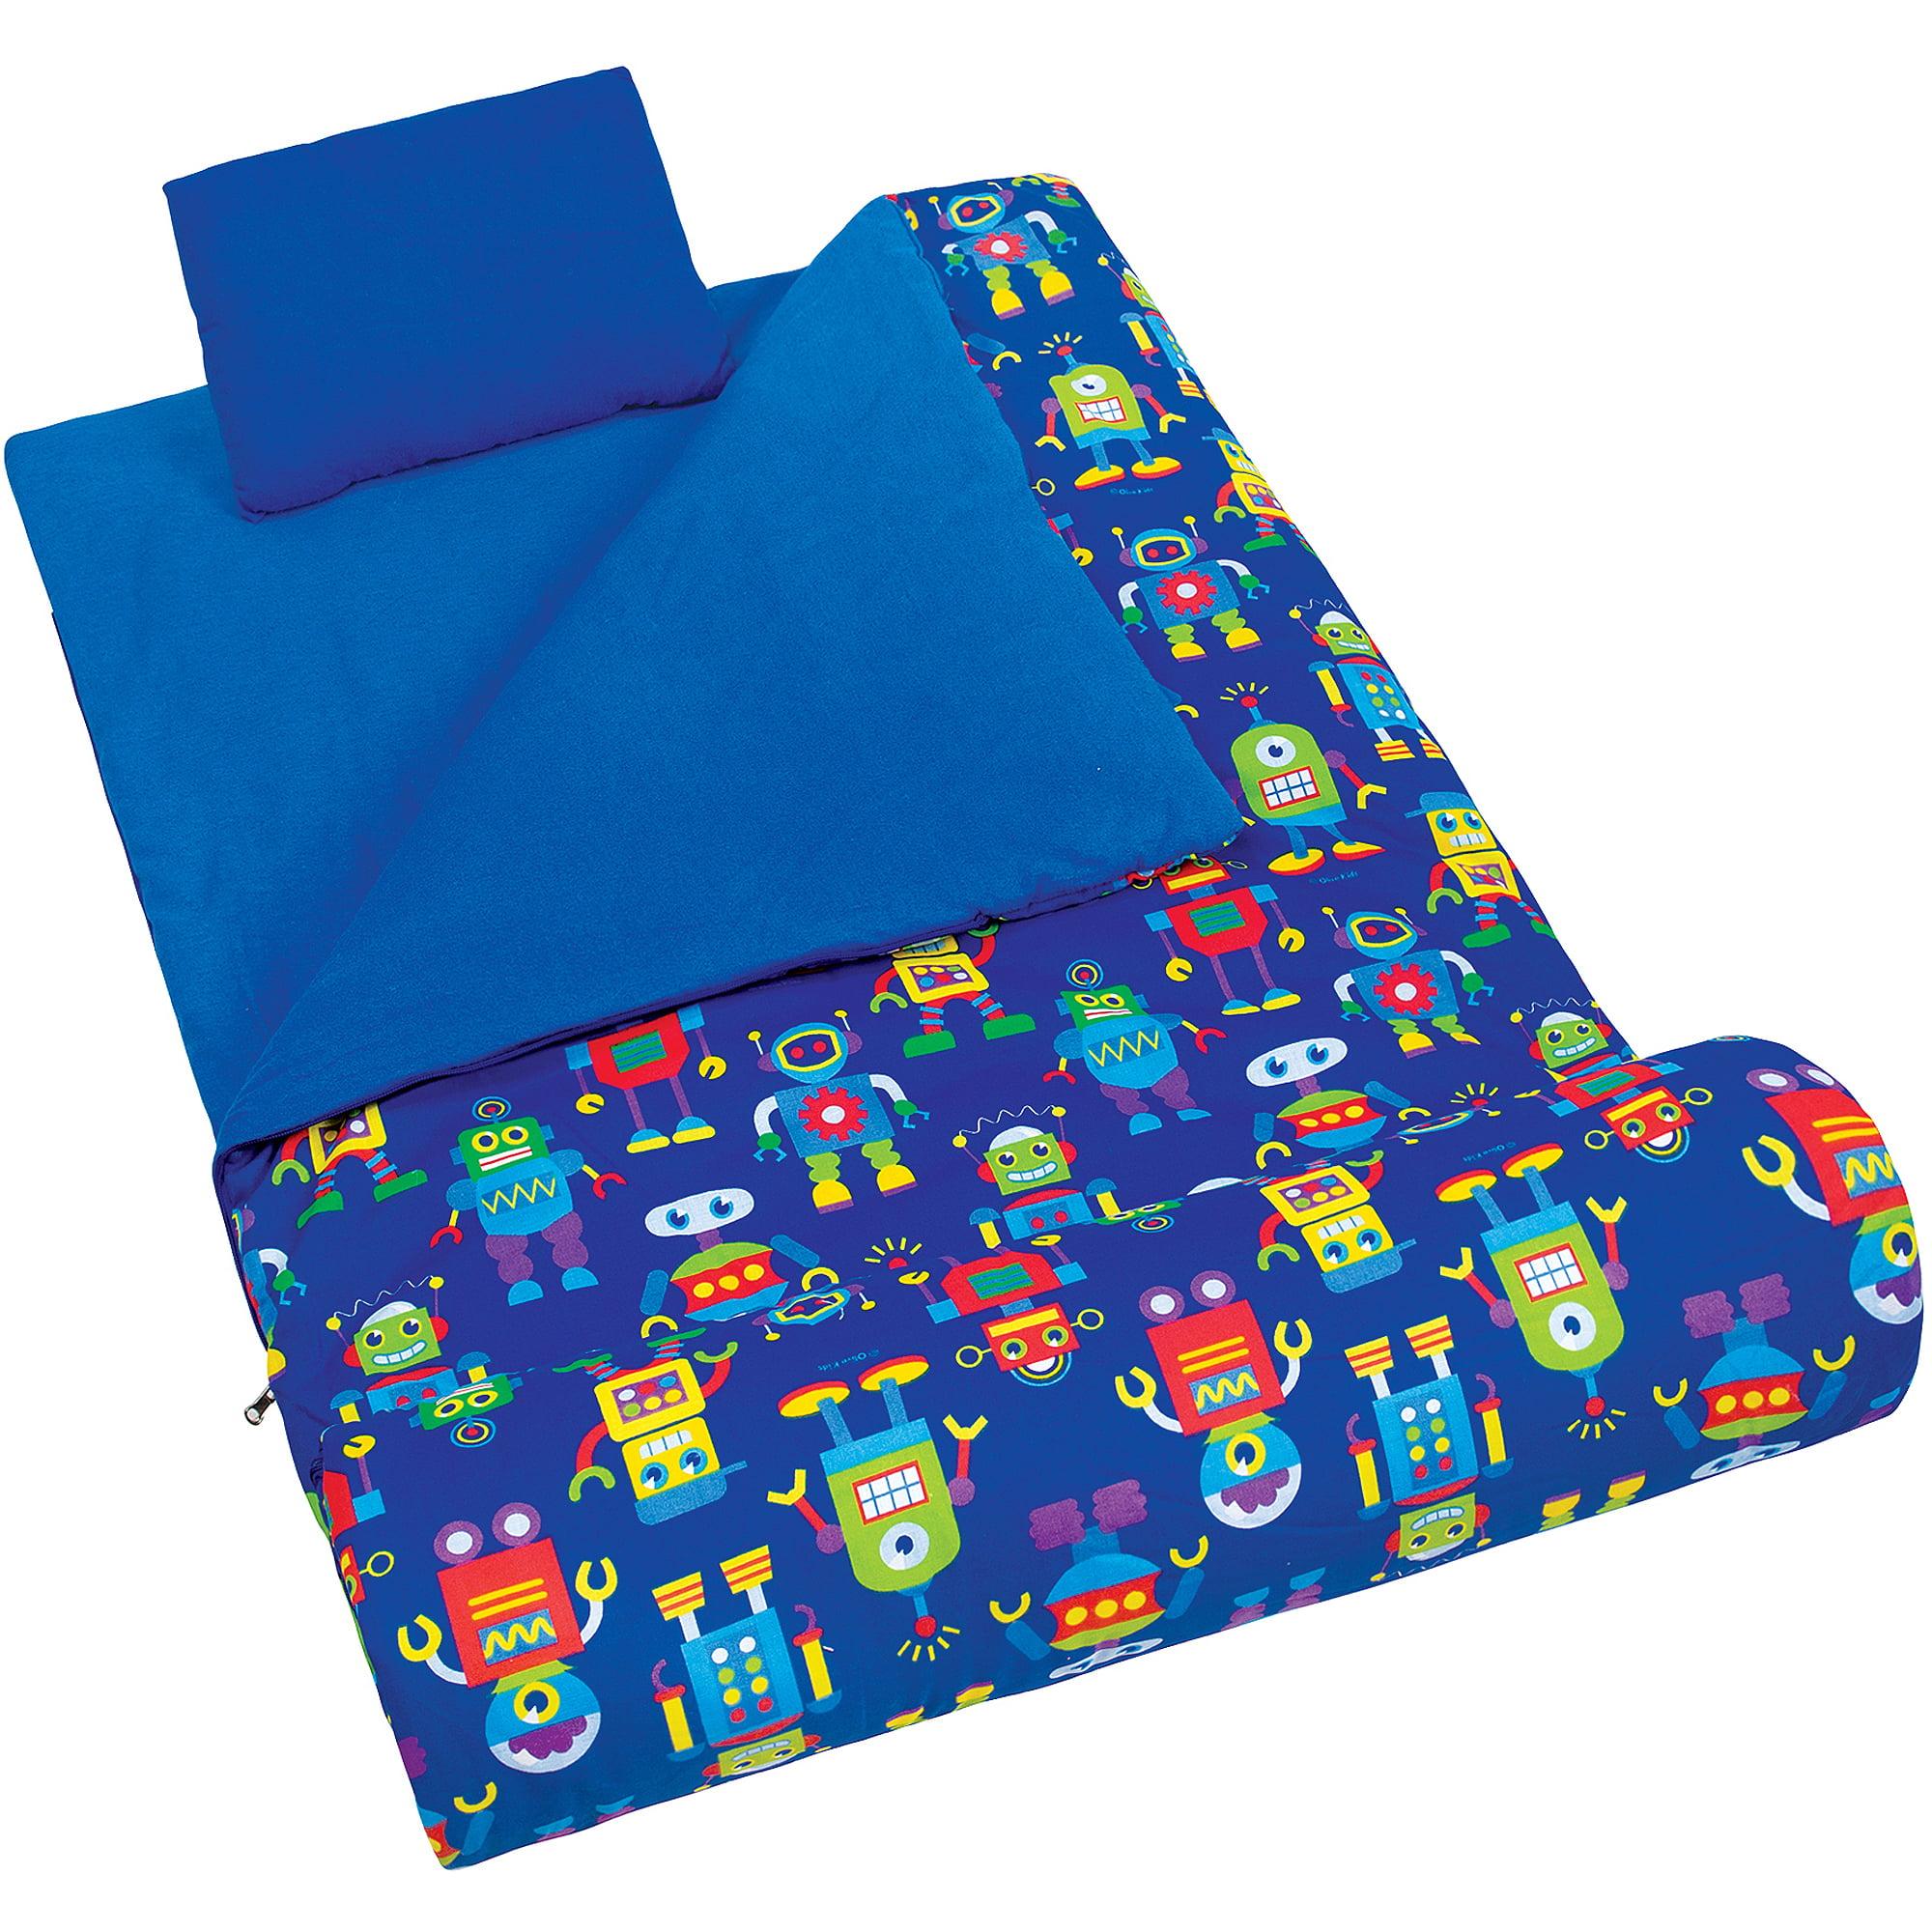 Olive Kids' Robots Sleeping Bag